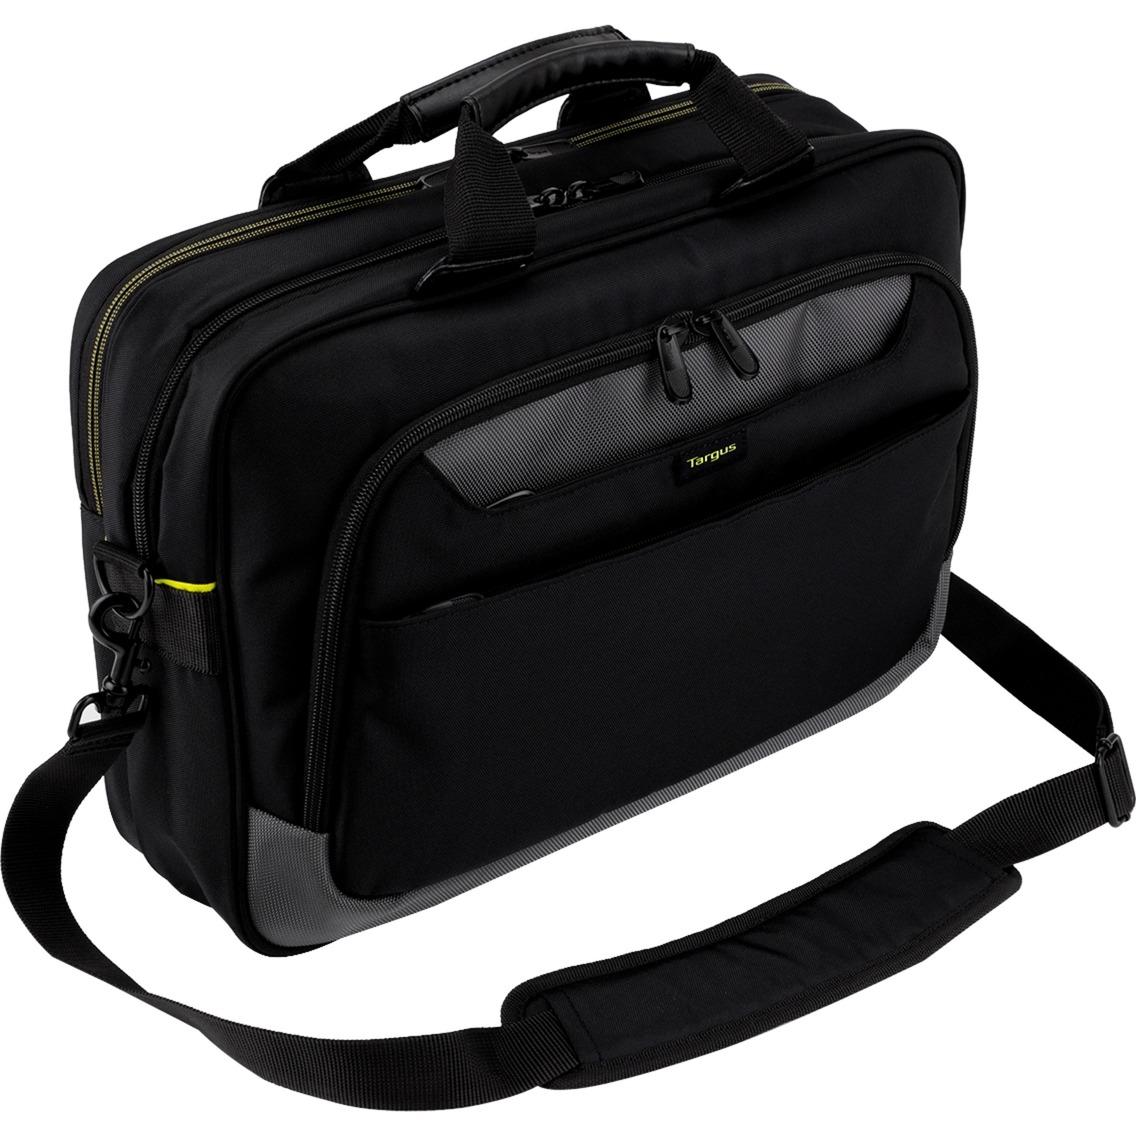 """CityGear maletines para portátil 39,6 cm (15.6"""") Bandolera Negro, Bolsa"""